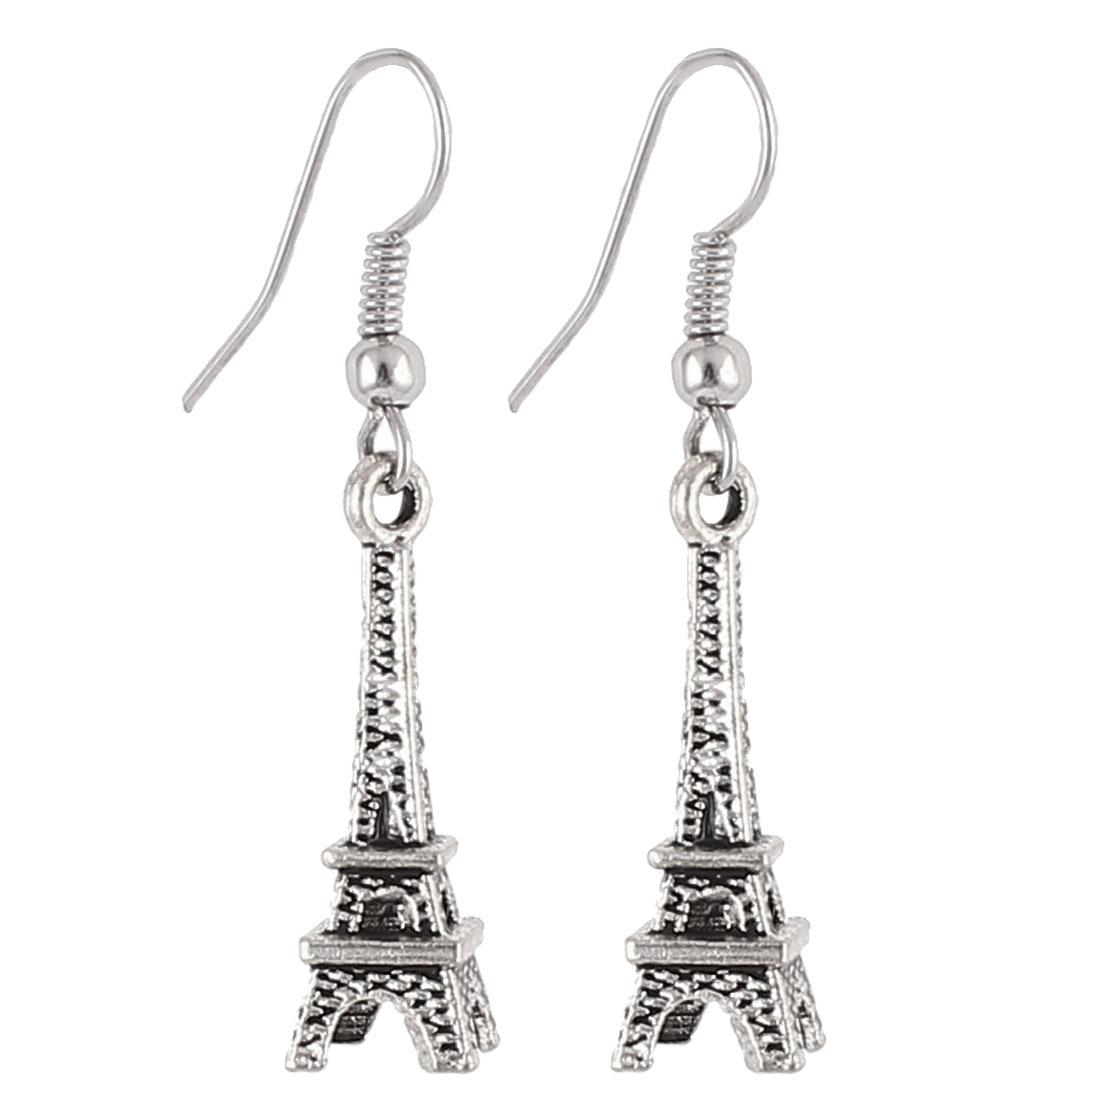 Lady Eiffel Tower Decor Dangling Pierced Eardrop Hook Earrings Silver Tone Pair